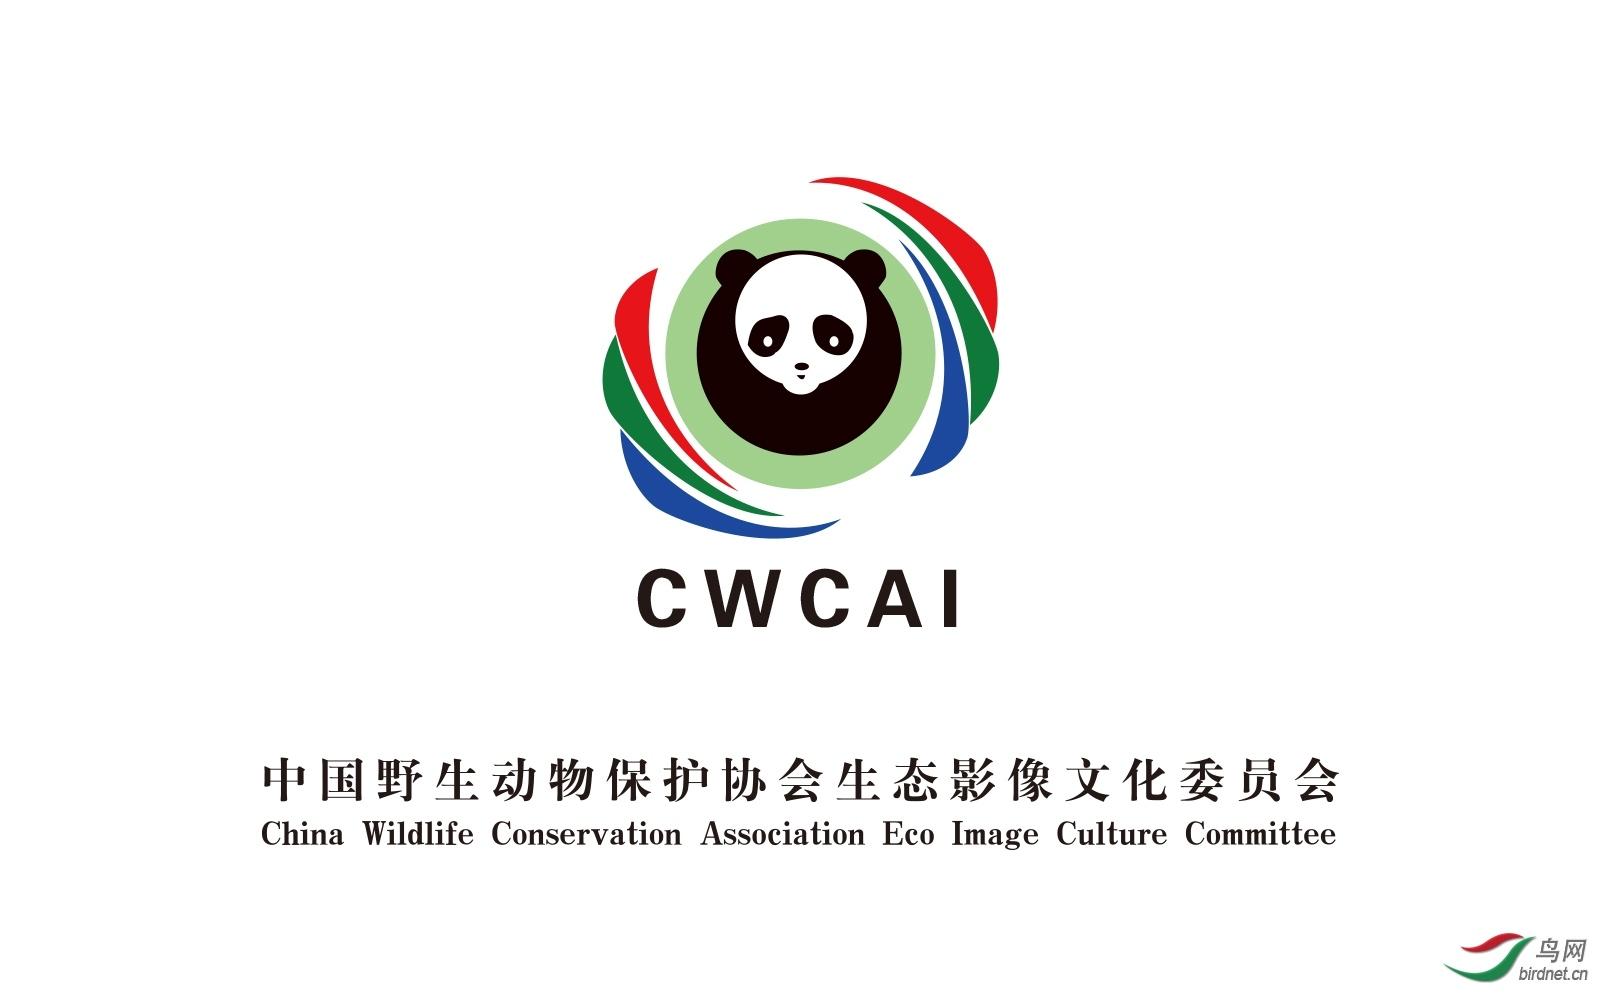 2018年11月10日,中国野生动物保护协会生态影像文化委员会成立大会在北京梅地亚中心成功举行。 成立大会由中国野生动物保护协会监事长张习文主持。会议首先由野生动物保护司副司长刘德望宣读了《国家林业和草原局野生动物保护司批复函》。协会副会长兼秘书长李青文对《生态影像文化委员会工作规则(草案)》作说明;协会副秘书长王晓婷提名生态影像委员会主任委员、副主任委员名单,提名秘书长人选,并作了说明;与会会员代表对《生态影像文化委员会工作规则(草案)》、生态影像委员会主任委员、副主任委员名单,秘书长提名人选进行表决,